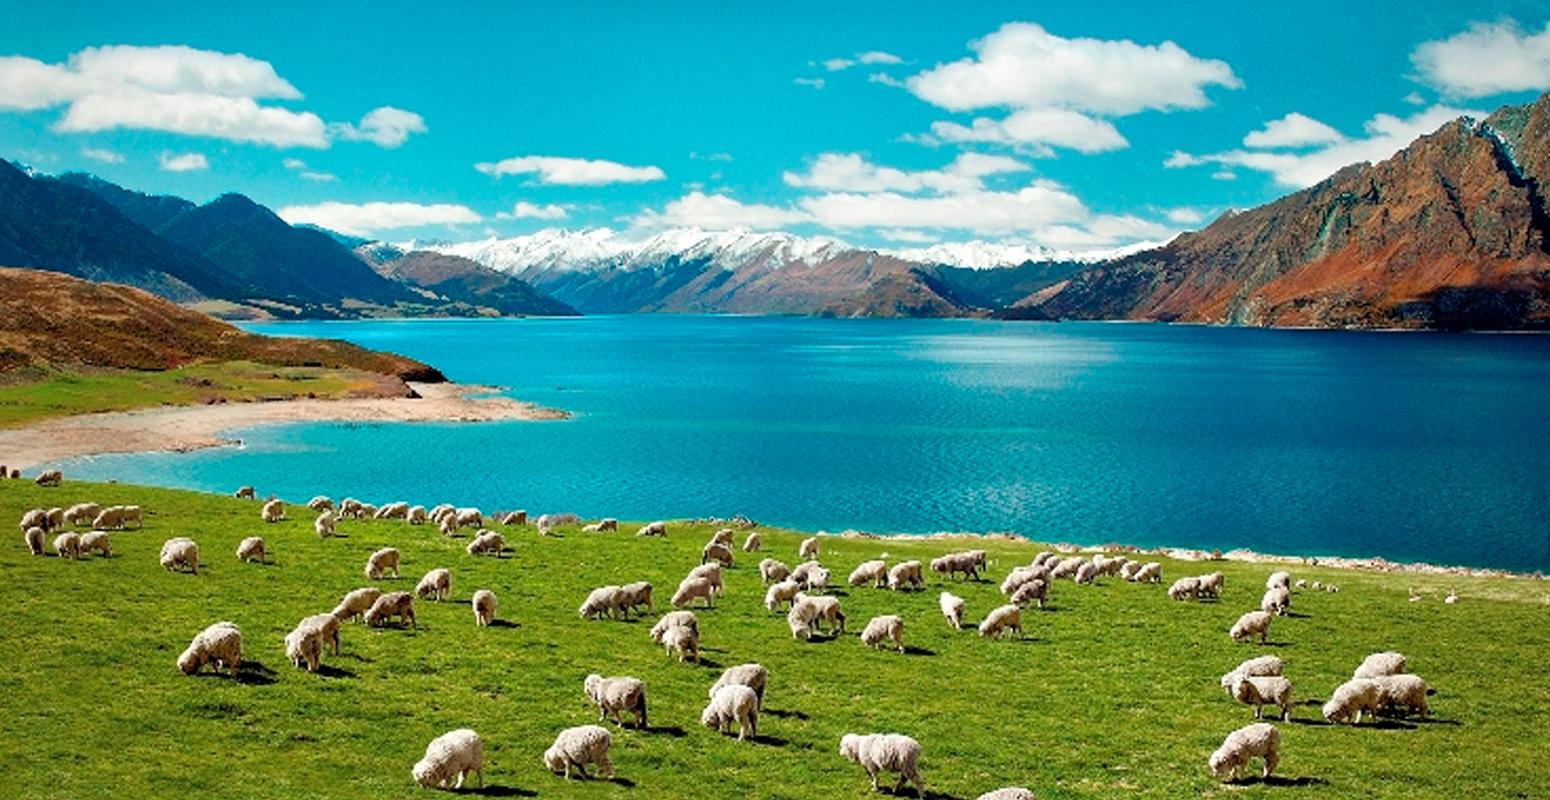 ニュージーランド 自然 羊